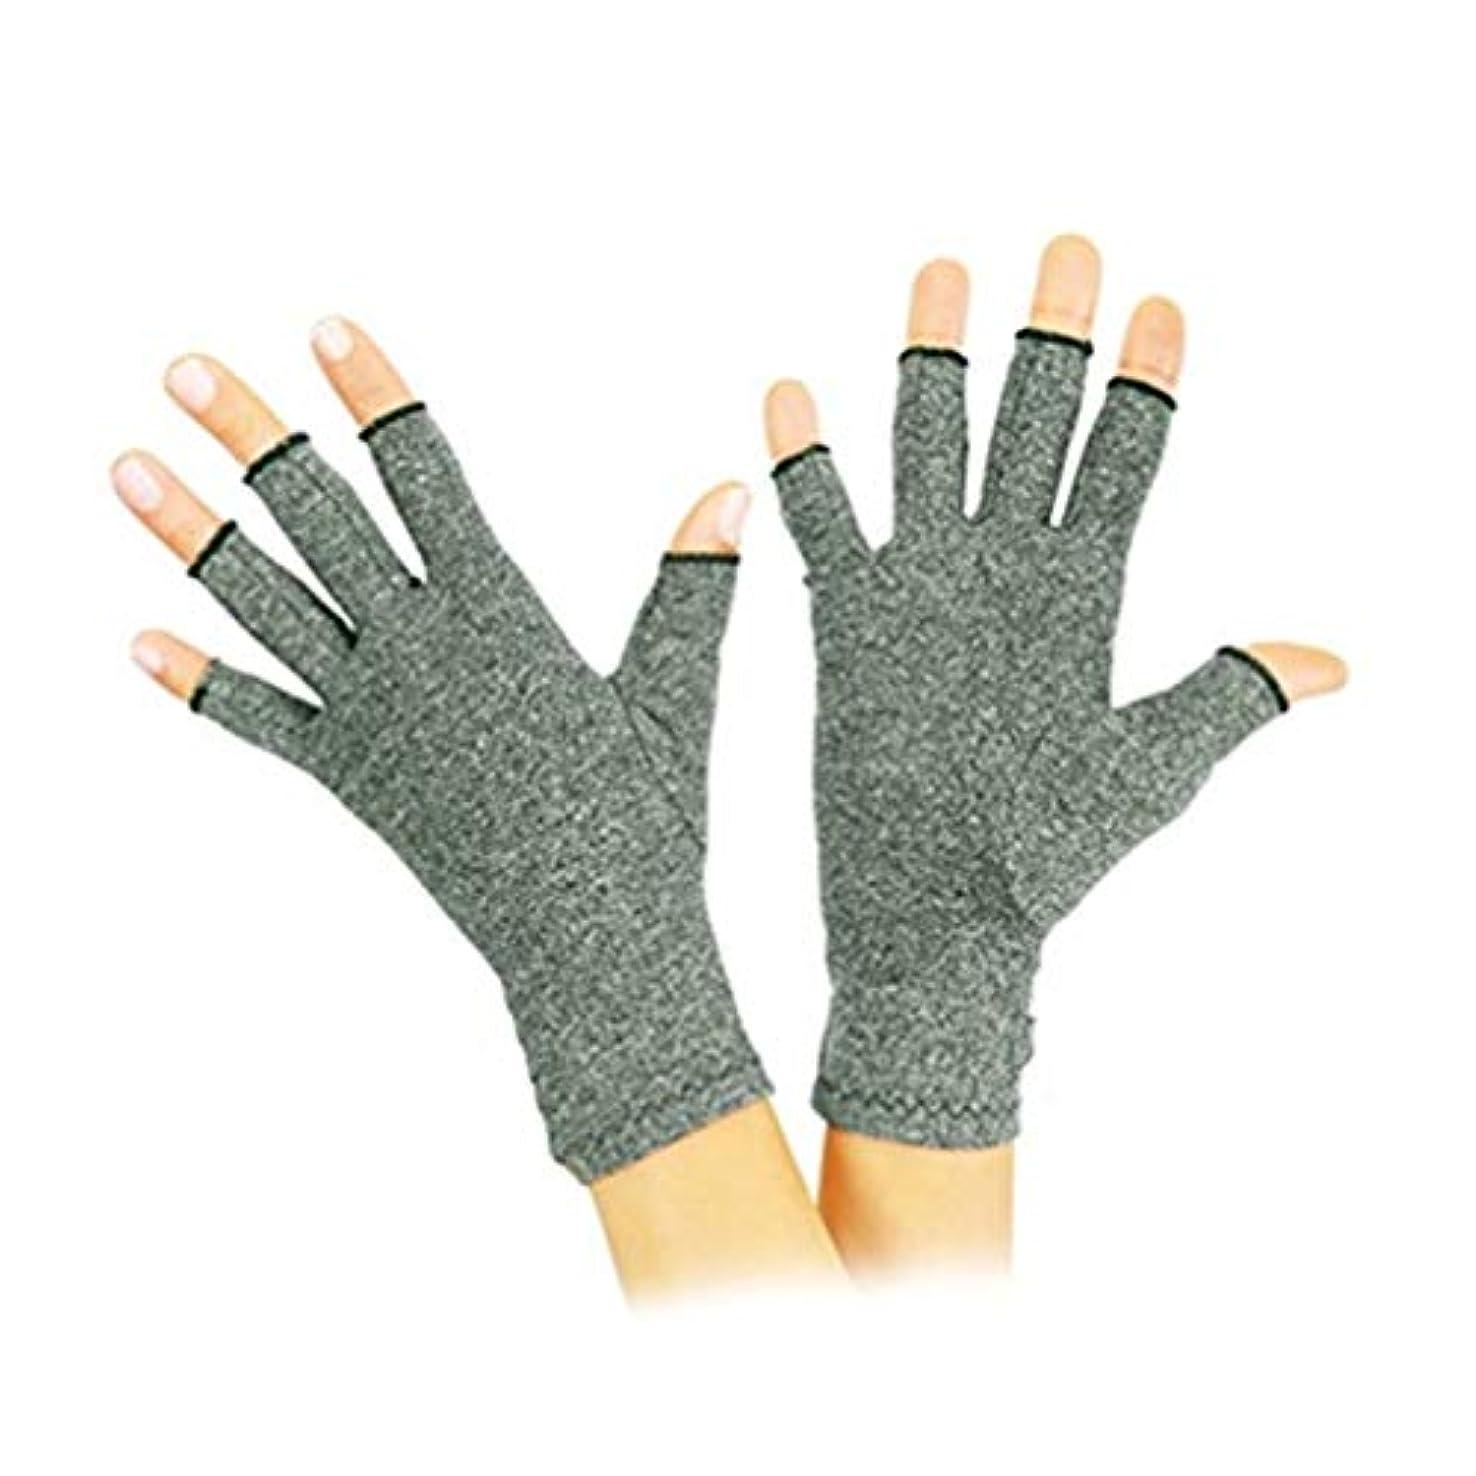 過敏なブレス上級関節リウマチリウマチ性変形性関節症用手袋圧縮手袋コンピュータ入力用痛み緩和